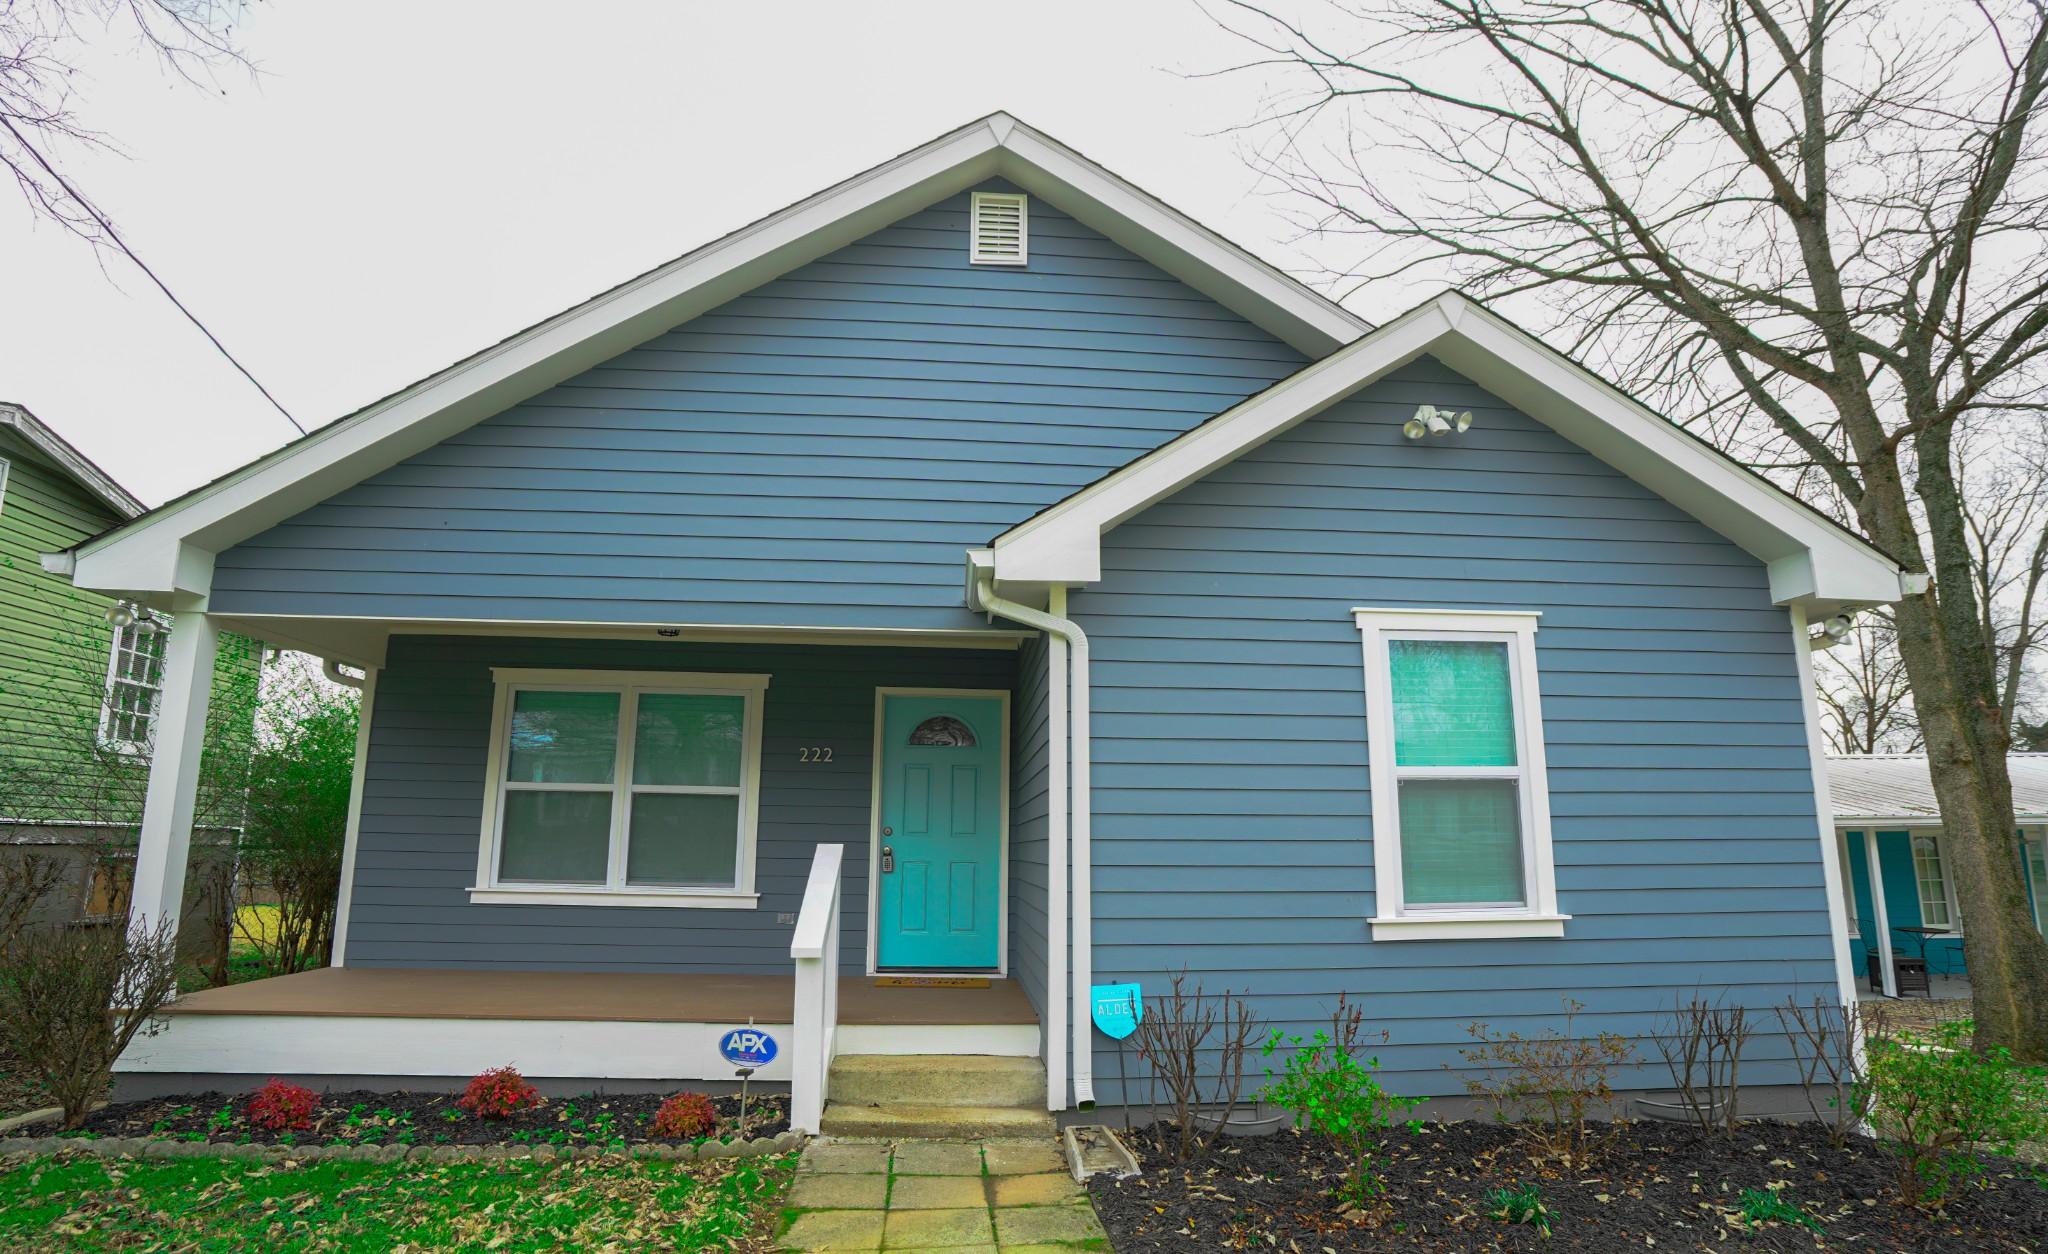 222 Lucile St, Nashville, TN 37207 - Nashville, TN real estate listing